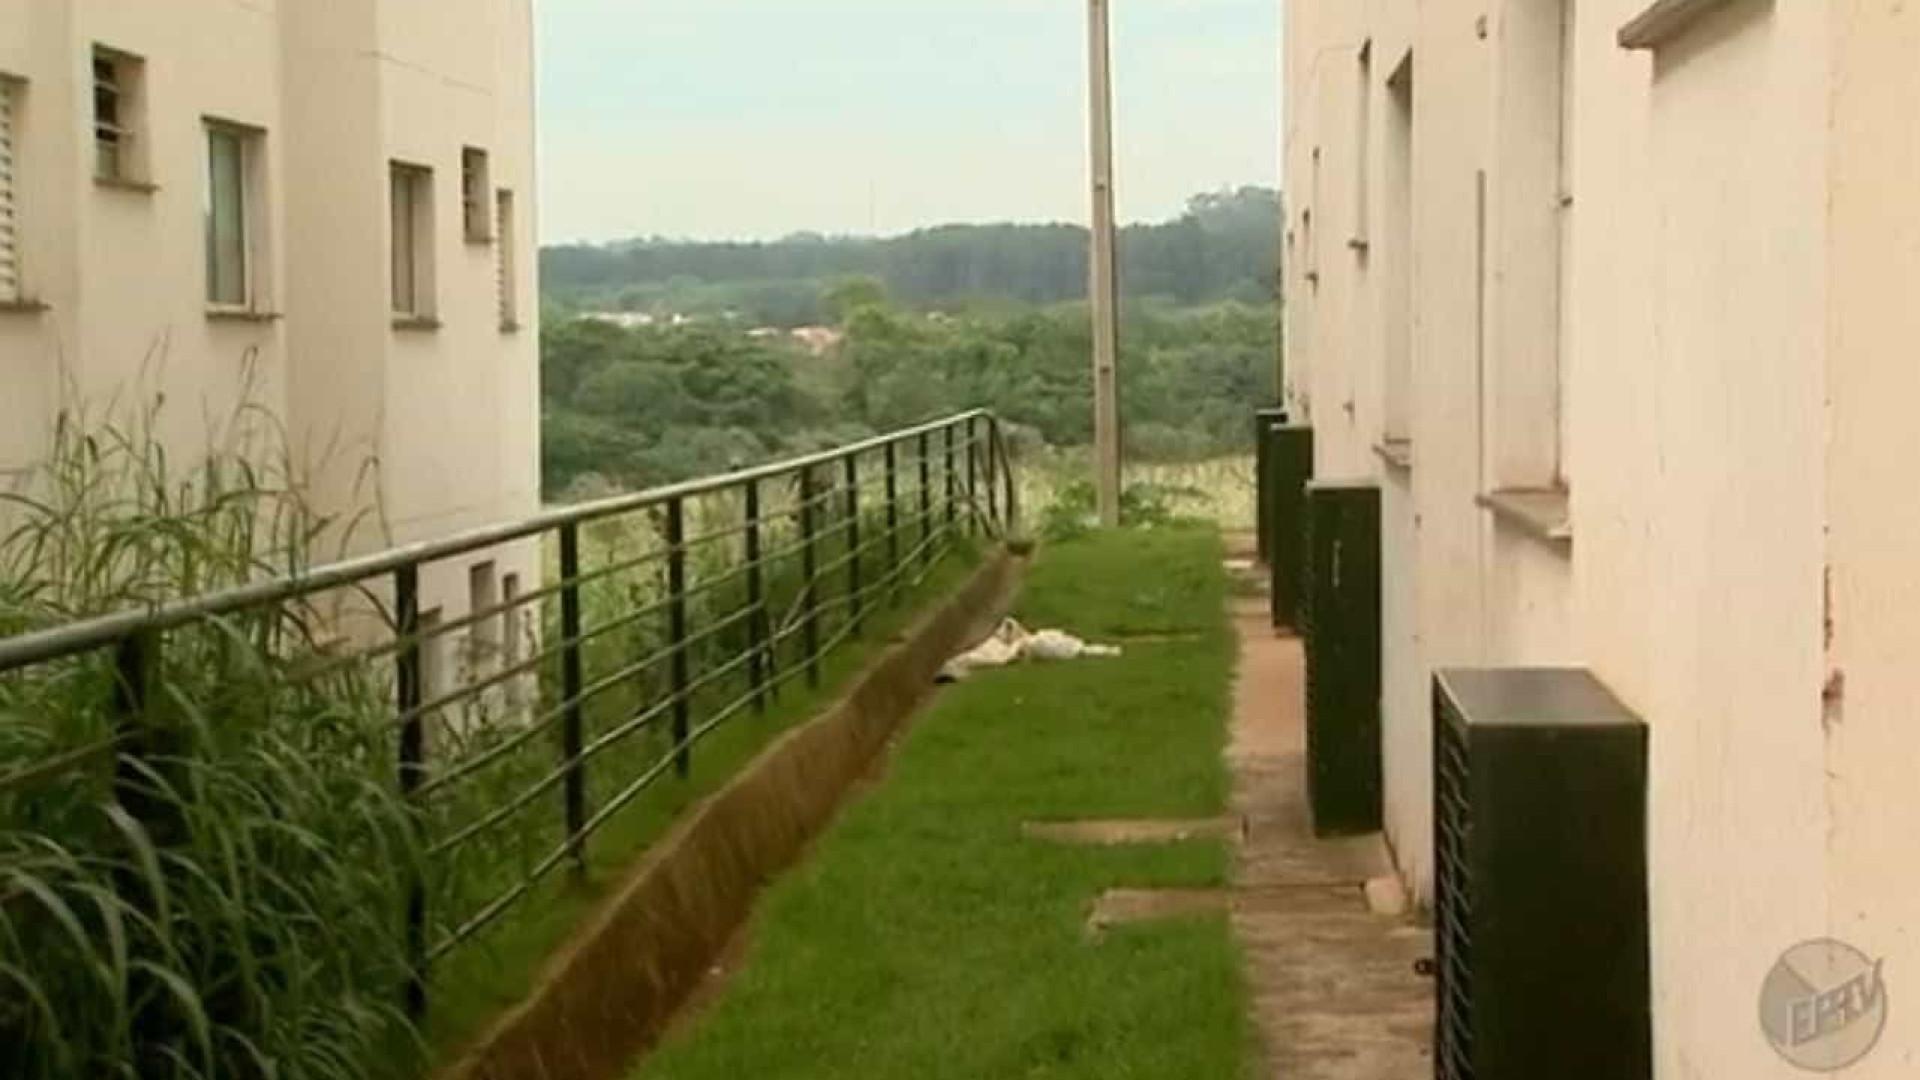 Criança usa lençol para fugir de apartamento e cai do 3º andar